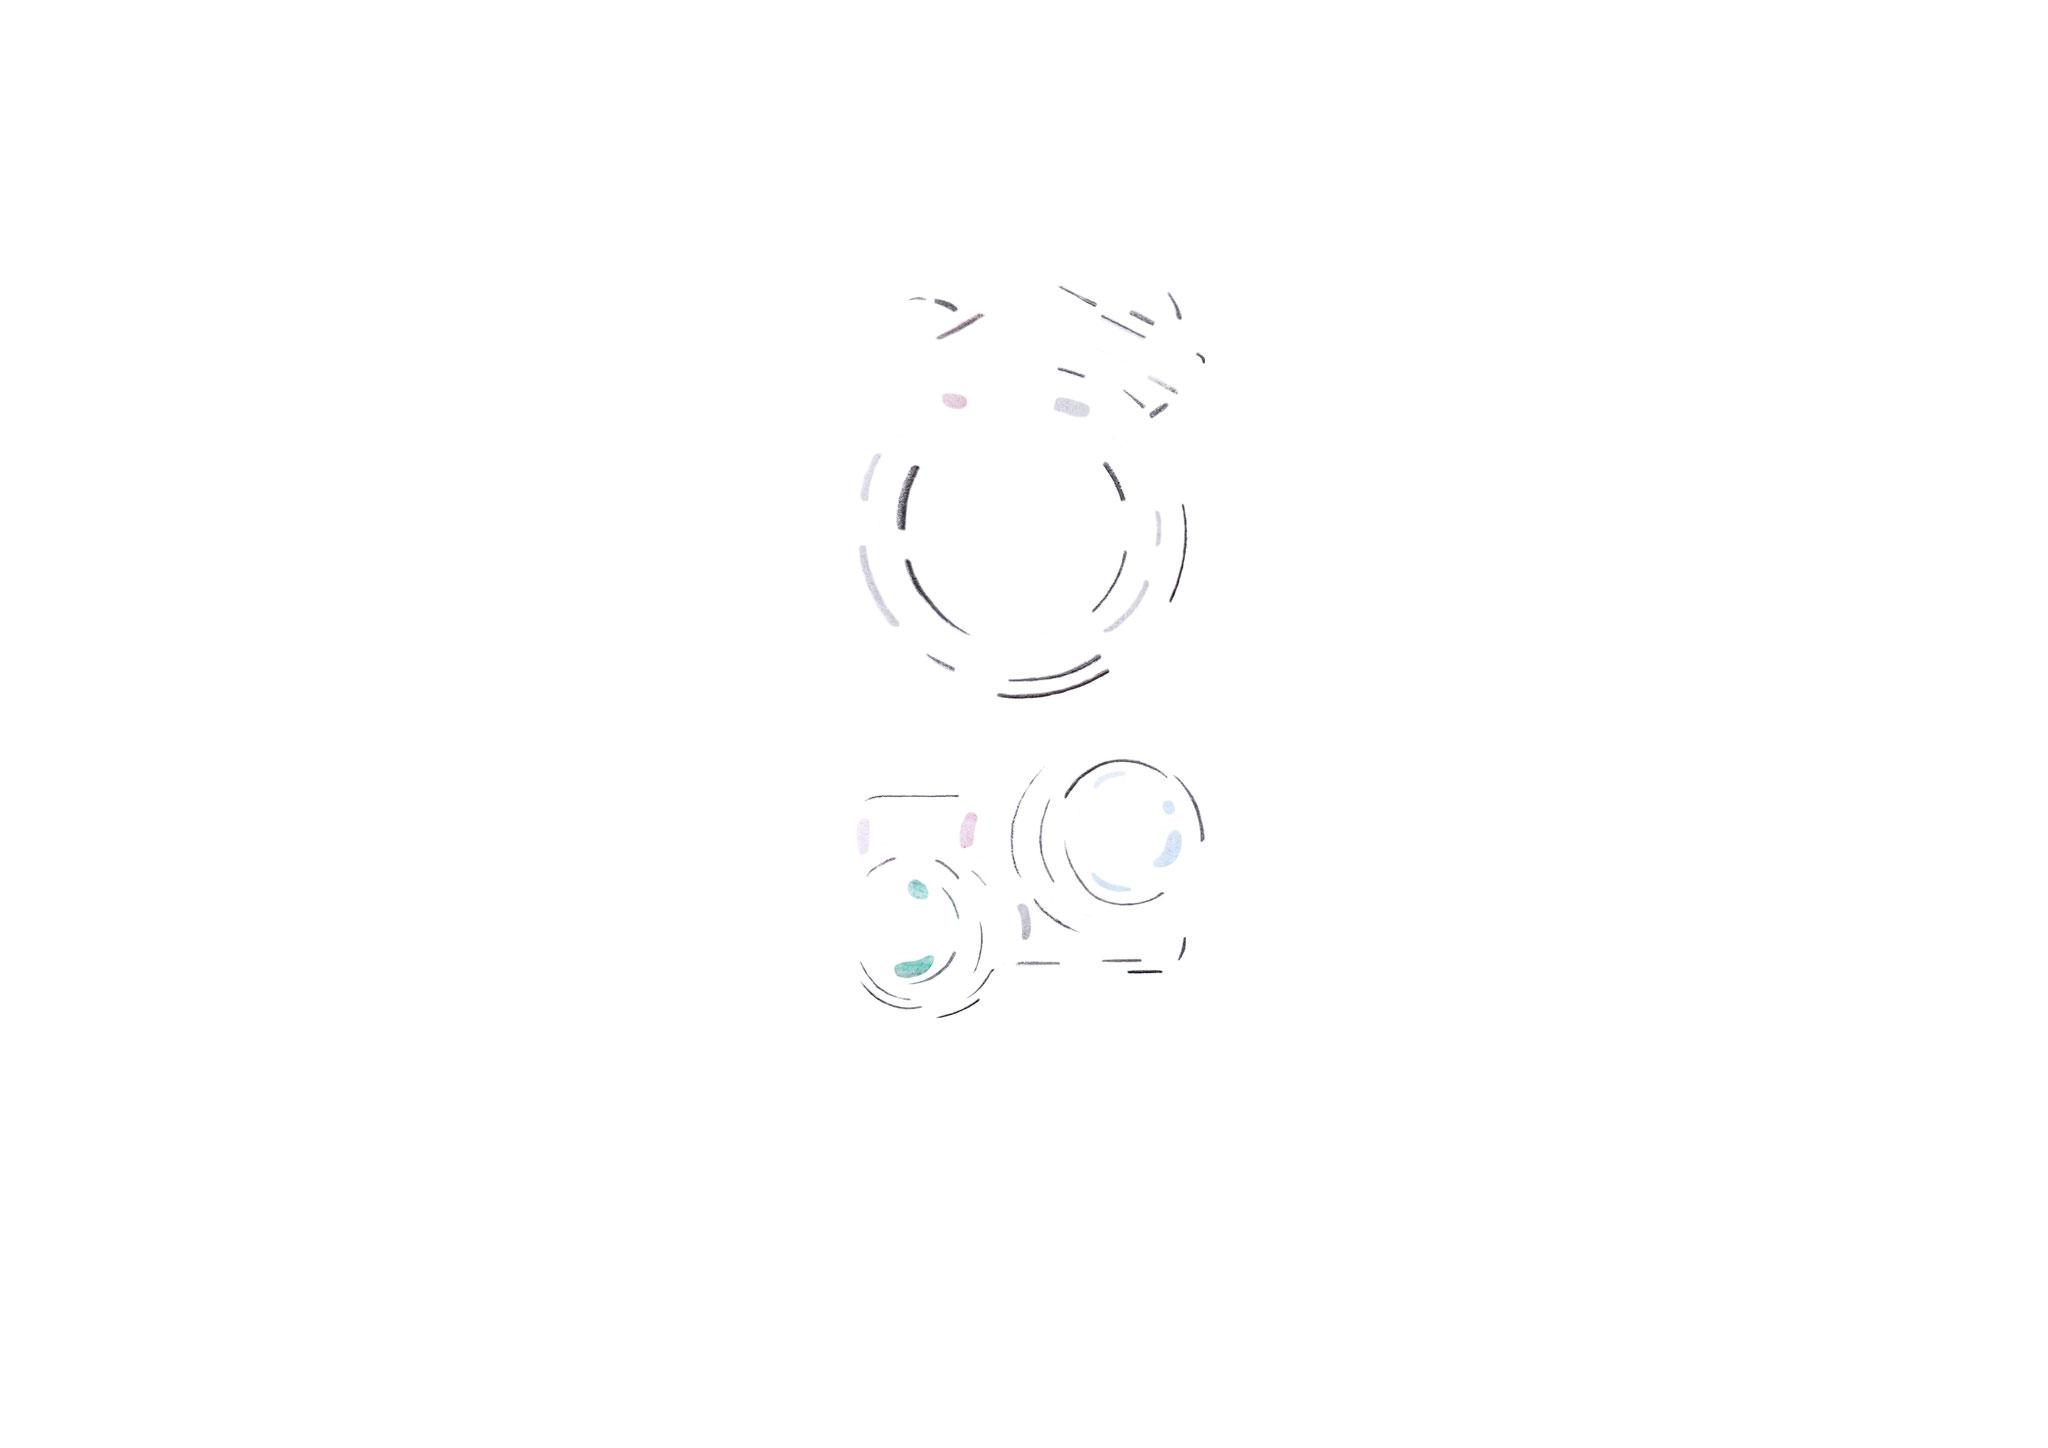 Verfolgen Sie wie unsere neue Schmucklinie Kugelkollektion entsteht  -  Skizze Nr. 2 / 14